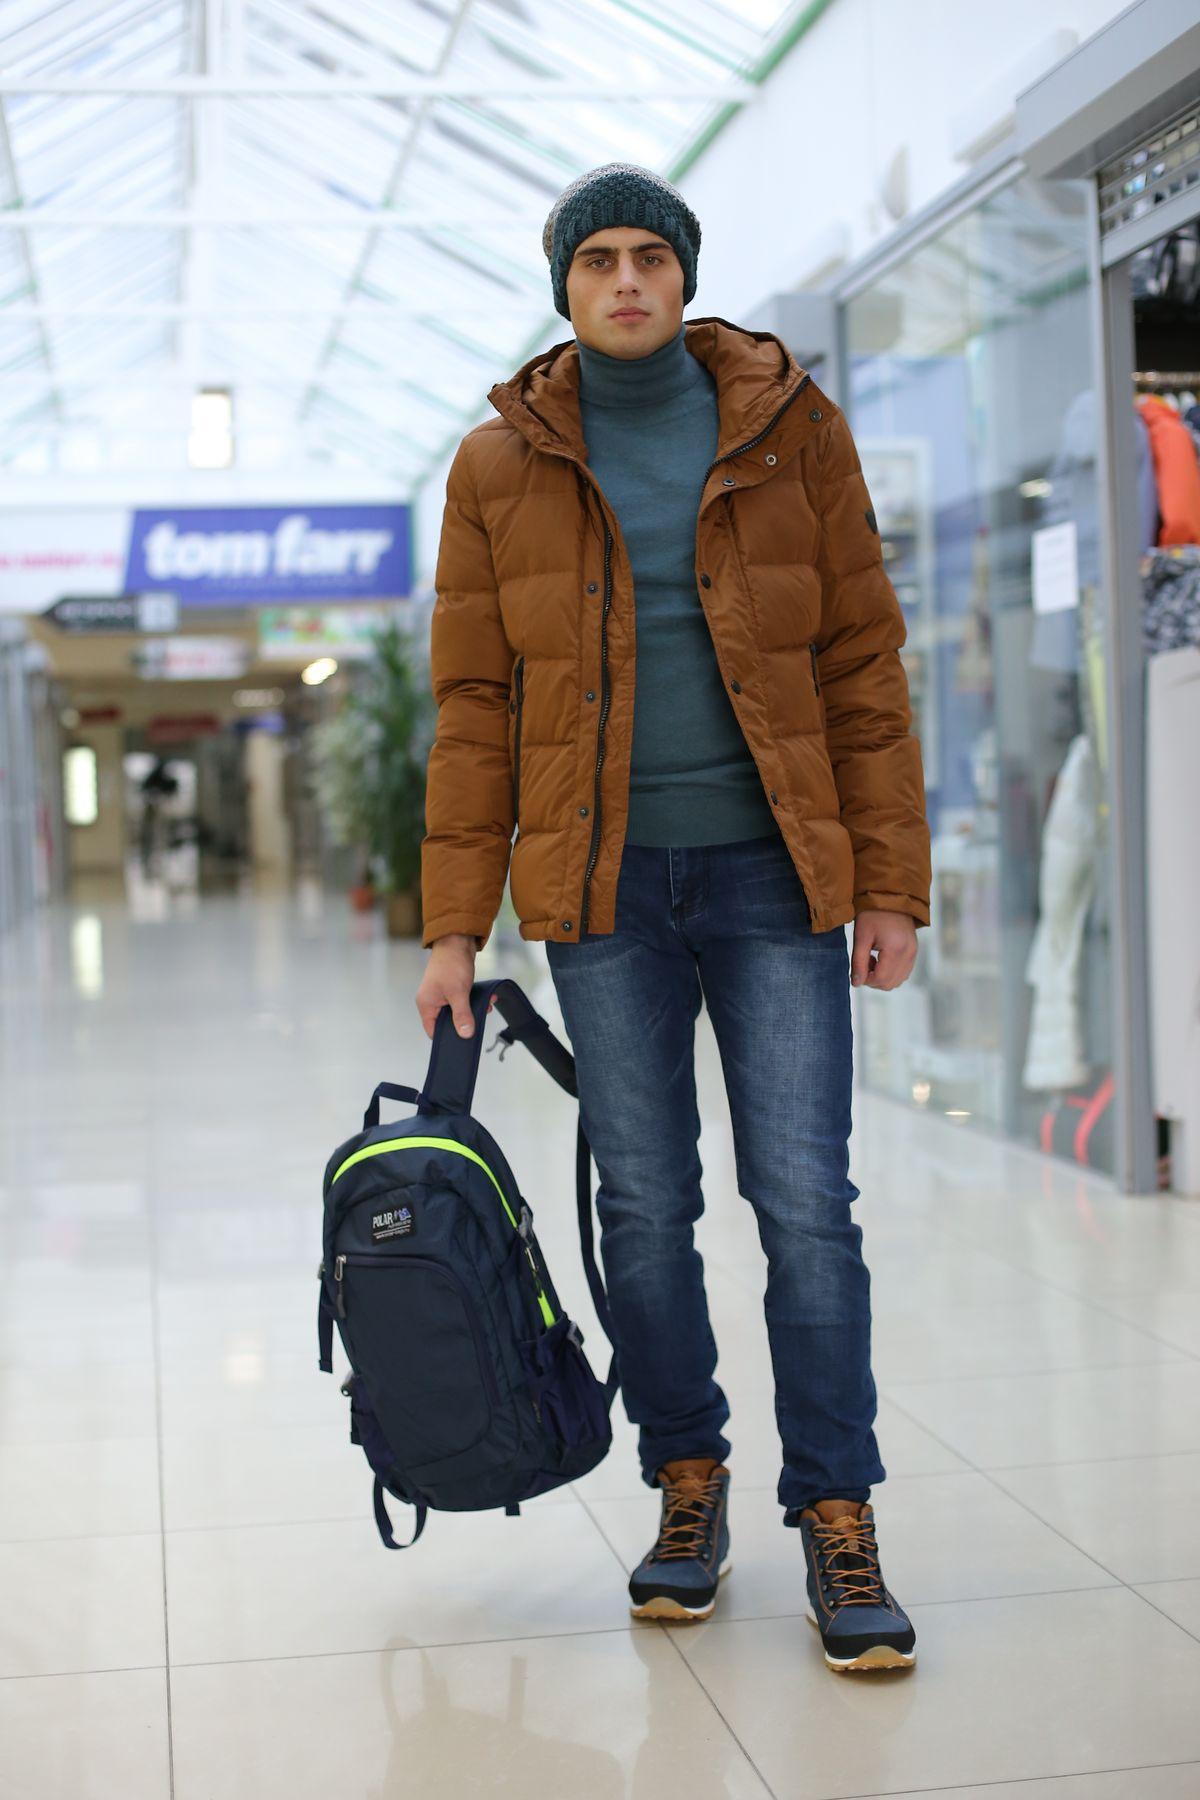 Куртка (пуховик), водолазка, шапка tom farr, джинсы corey fildman, ботинки зимние утепленные мех меринос NIK, рюкзак Polar. Фото: Александр Короб